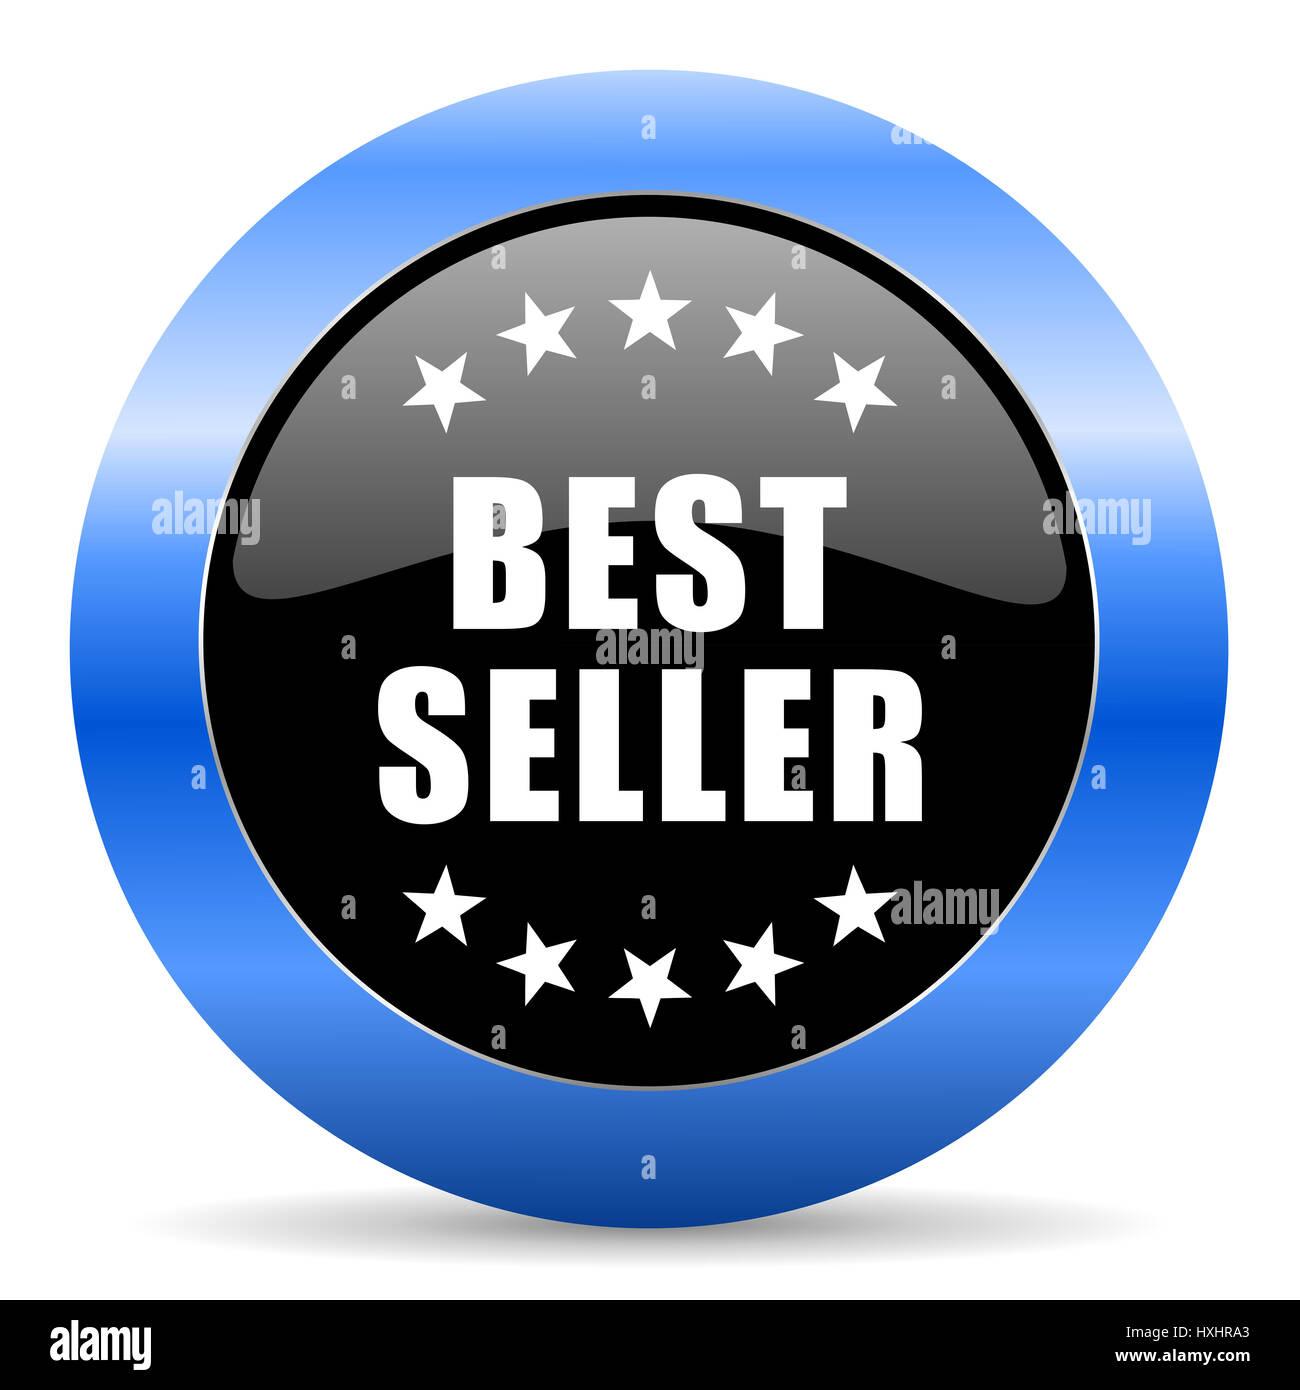 Best Seller negro y azul diseño web ronda icono internet con sombra sobre fondo blanco. Foto de stock